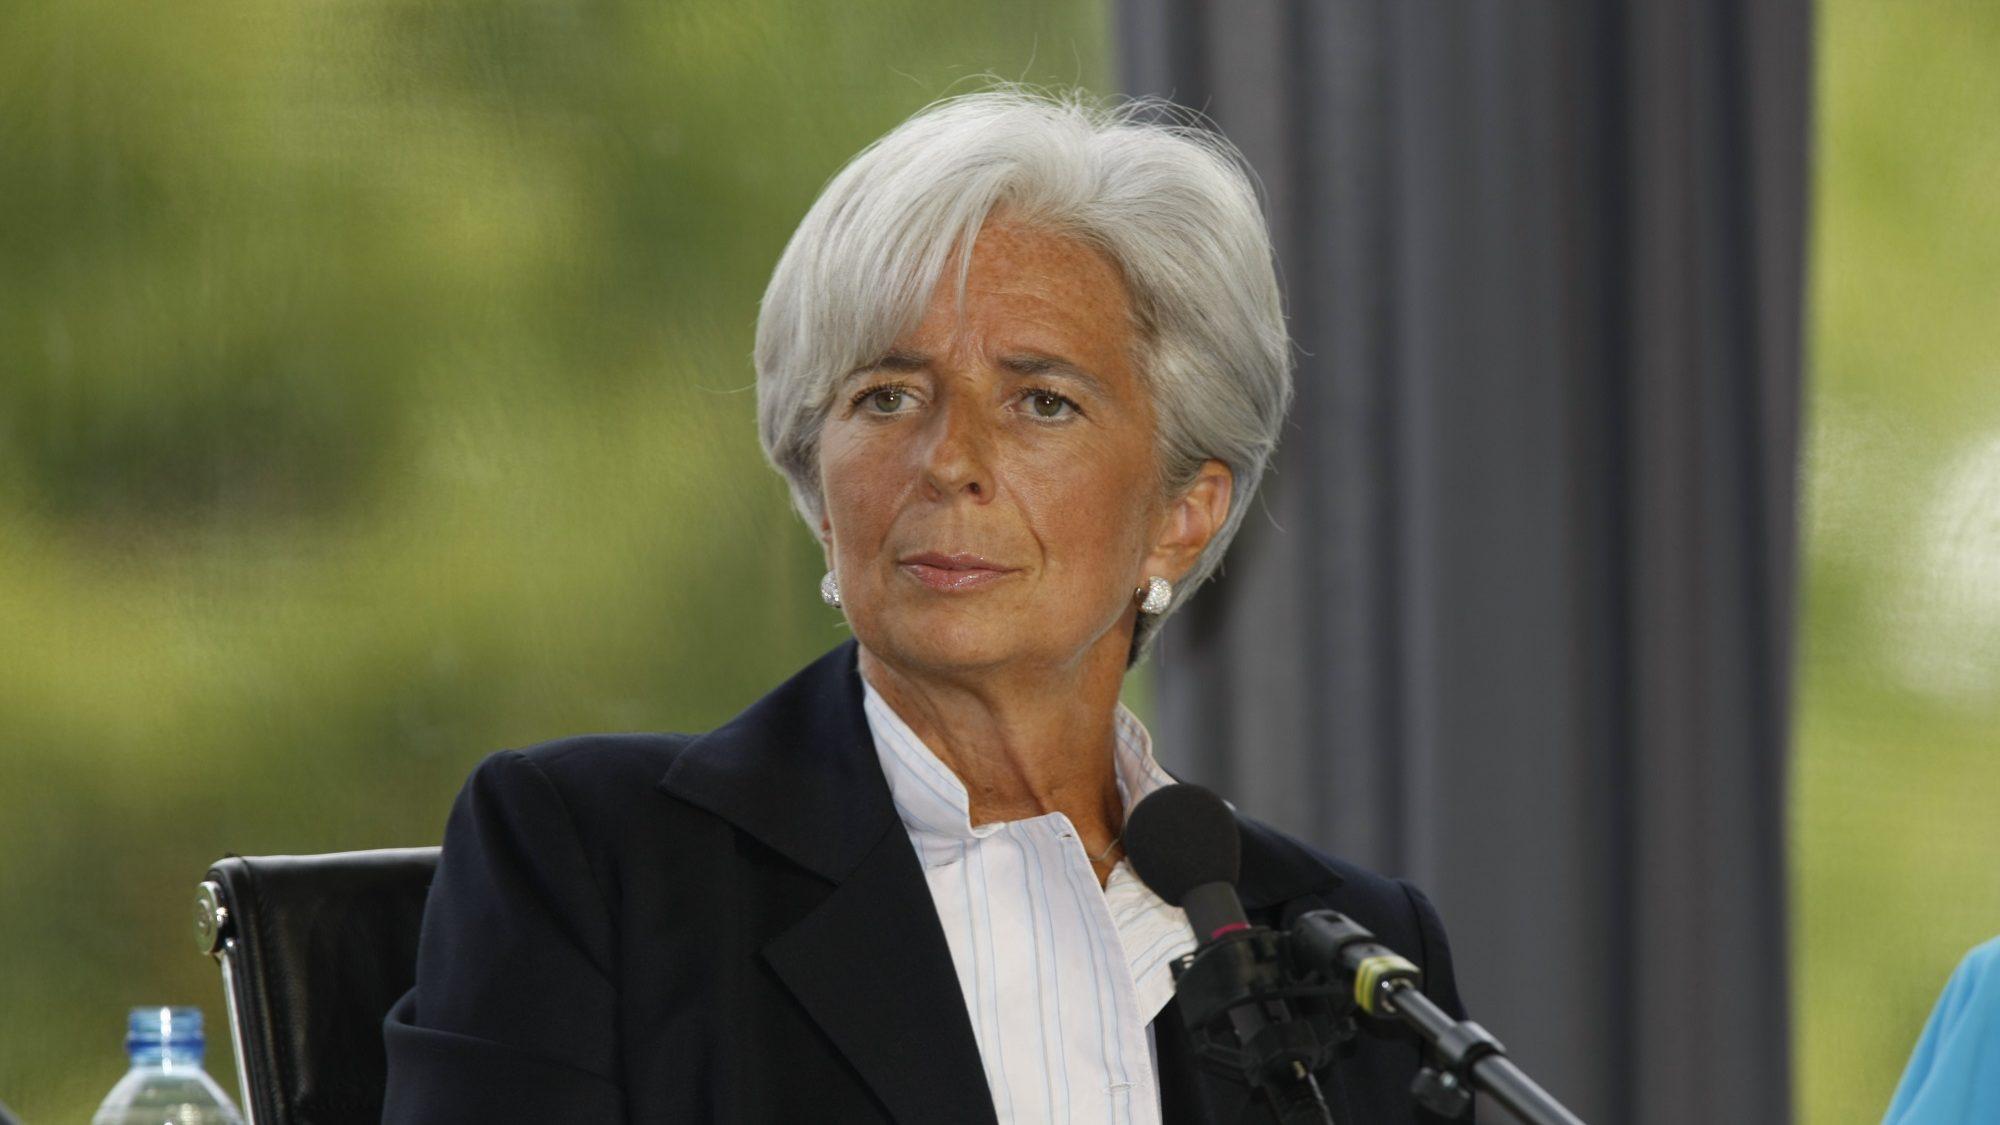 Europa e EUA de pé atrás com criptomoedas. O que pensa Lagarde, futura presidente do BCE, das moedas digitais?